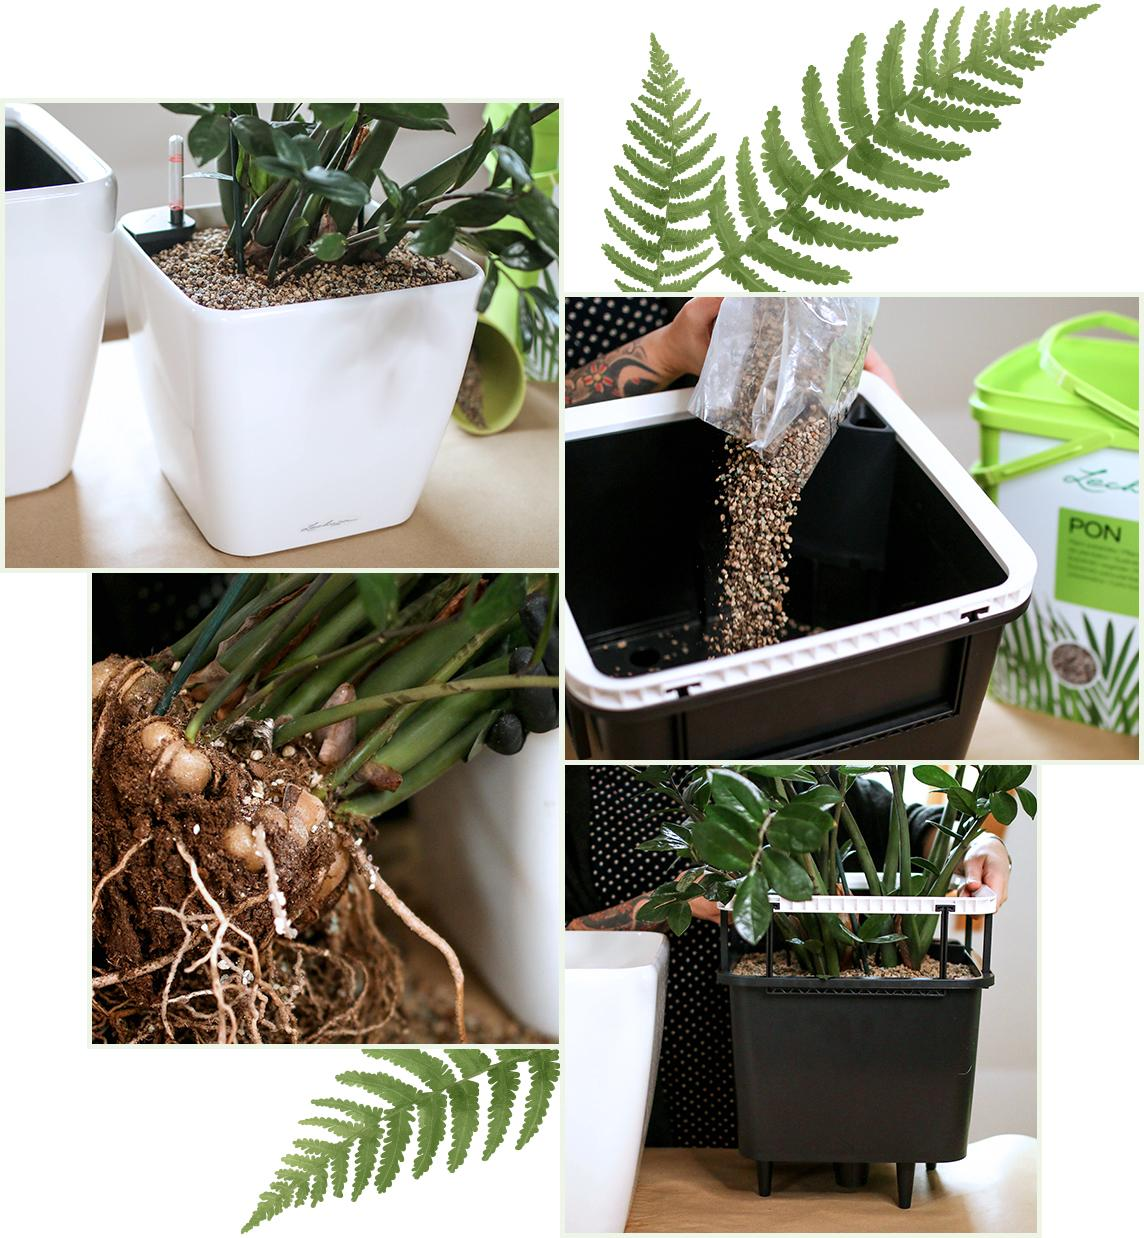 Geef uw planten de juiste pot